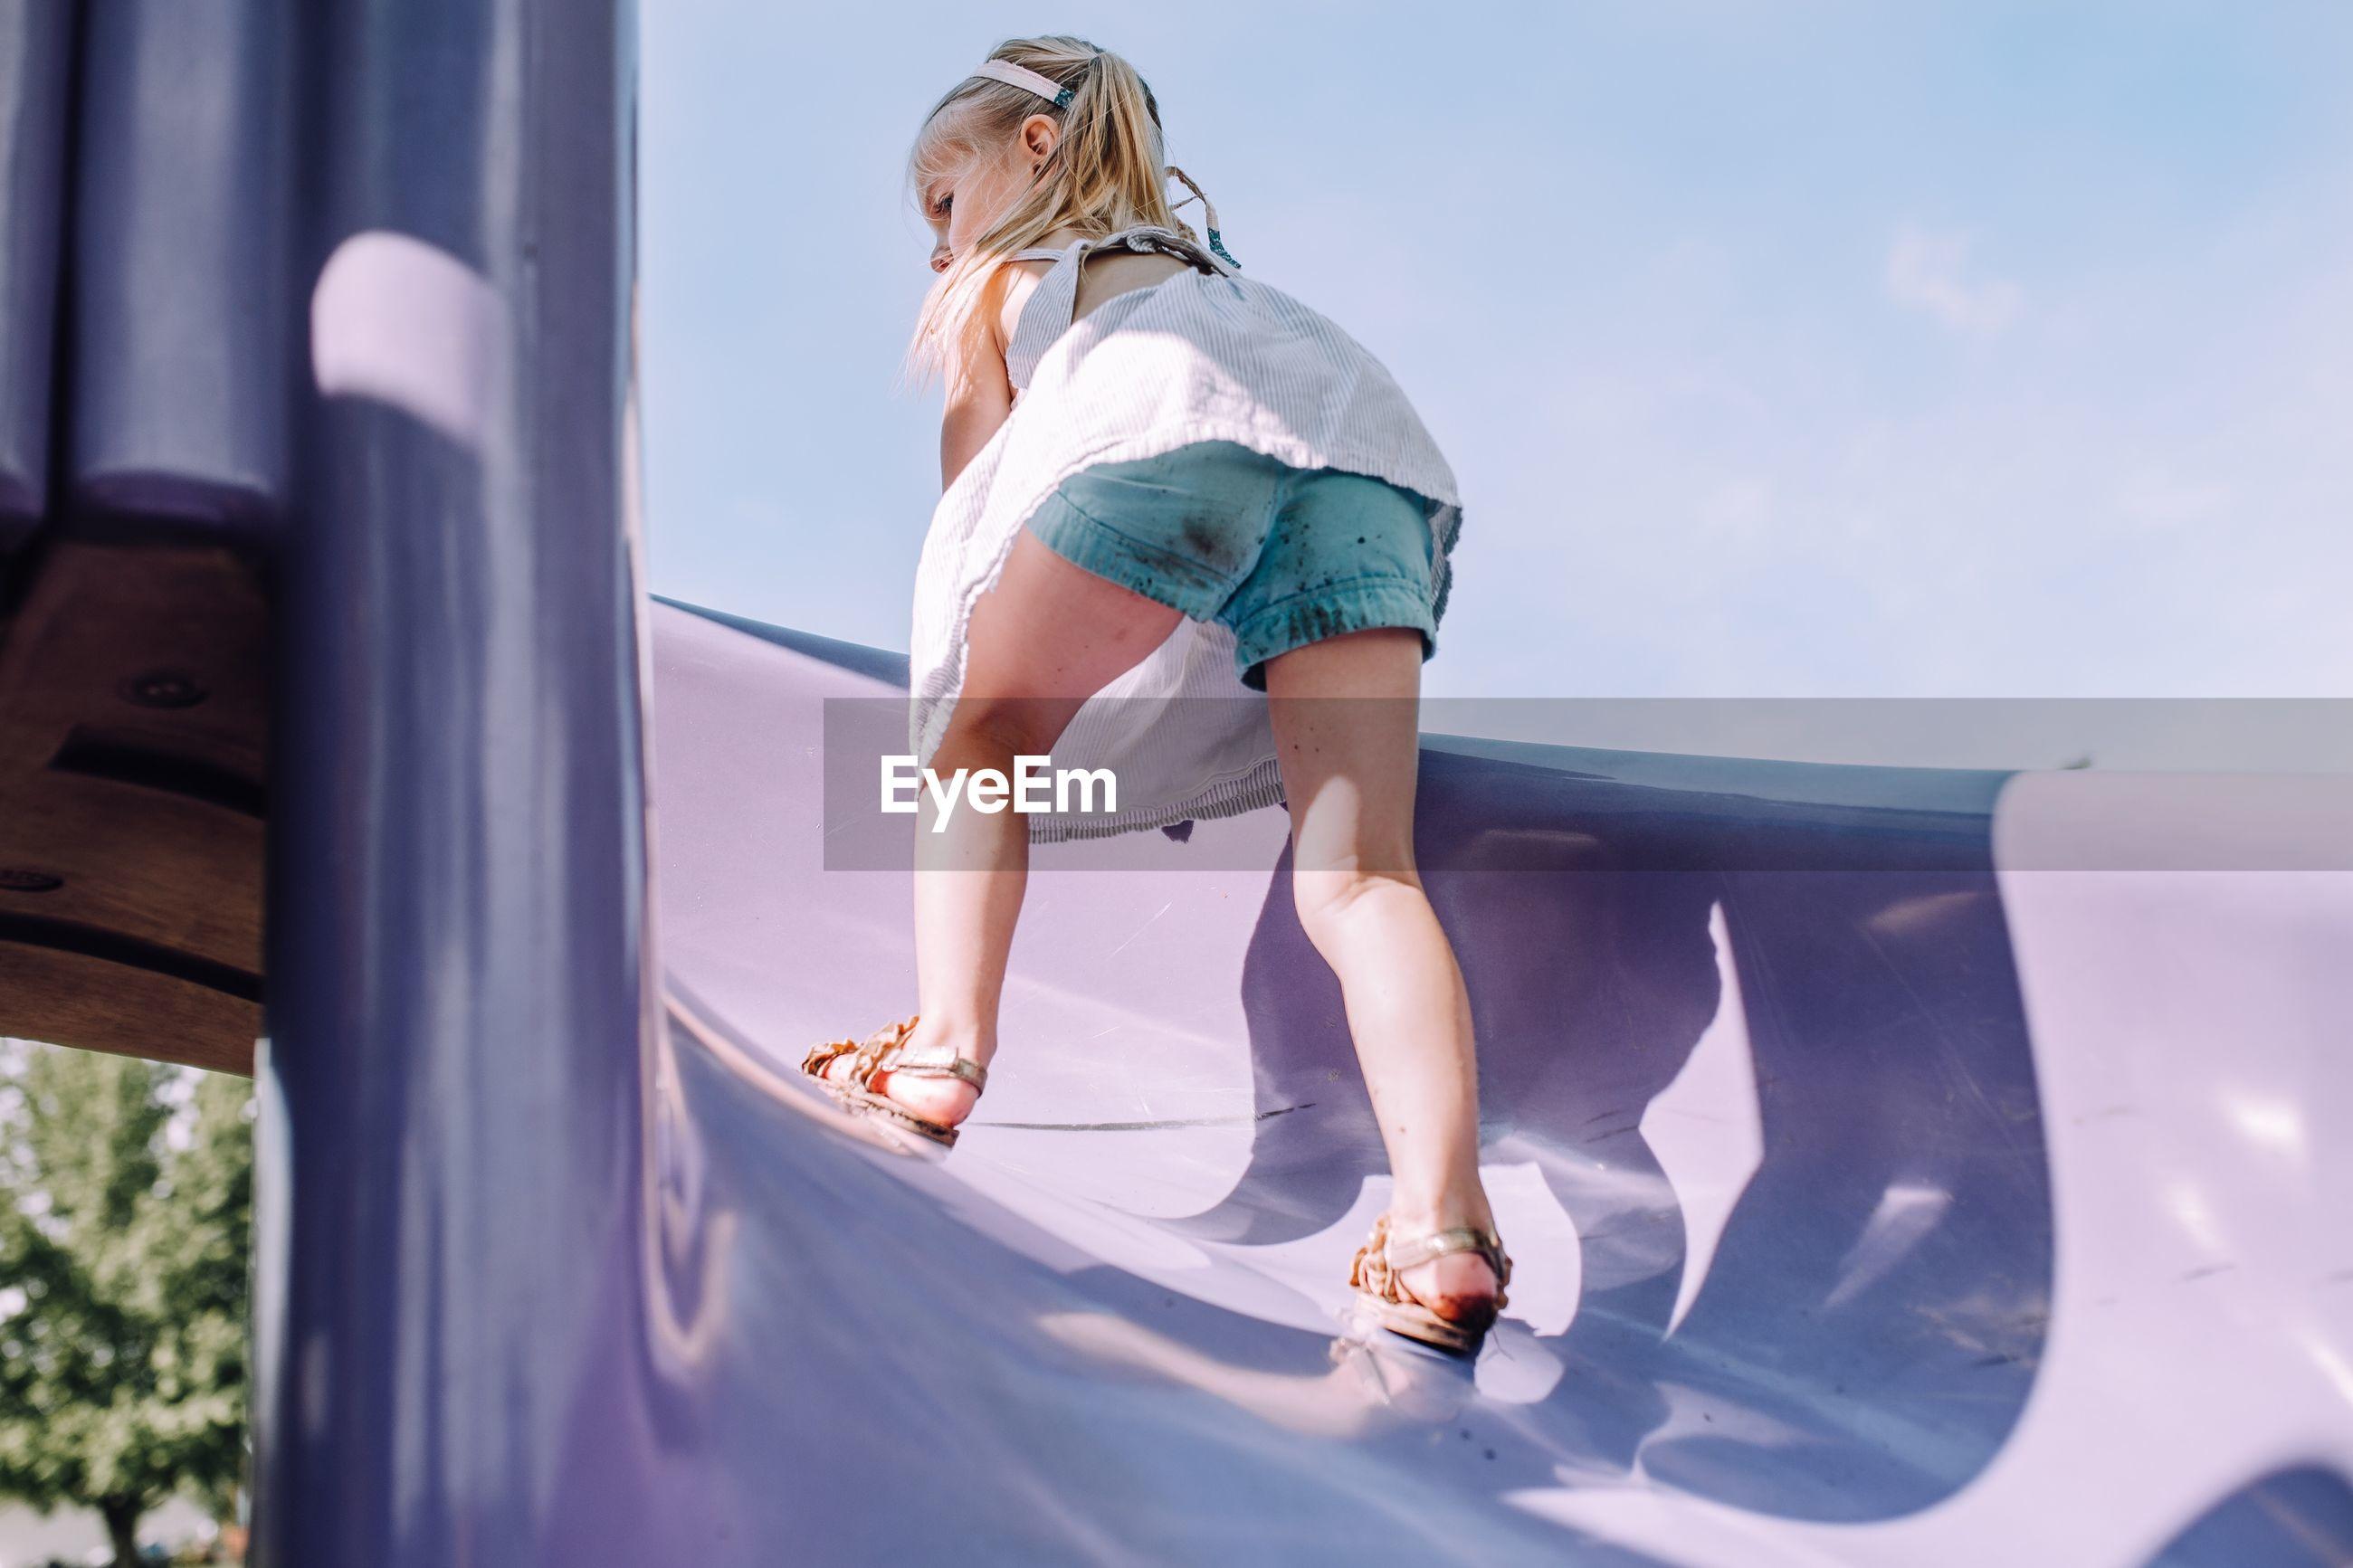 Full length of girl playing on slide against sky